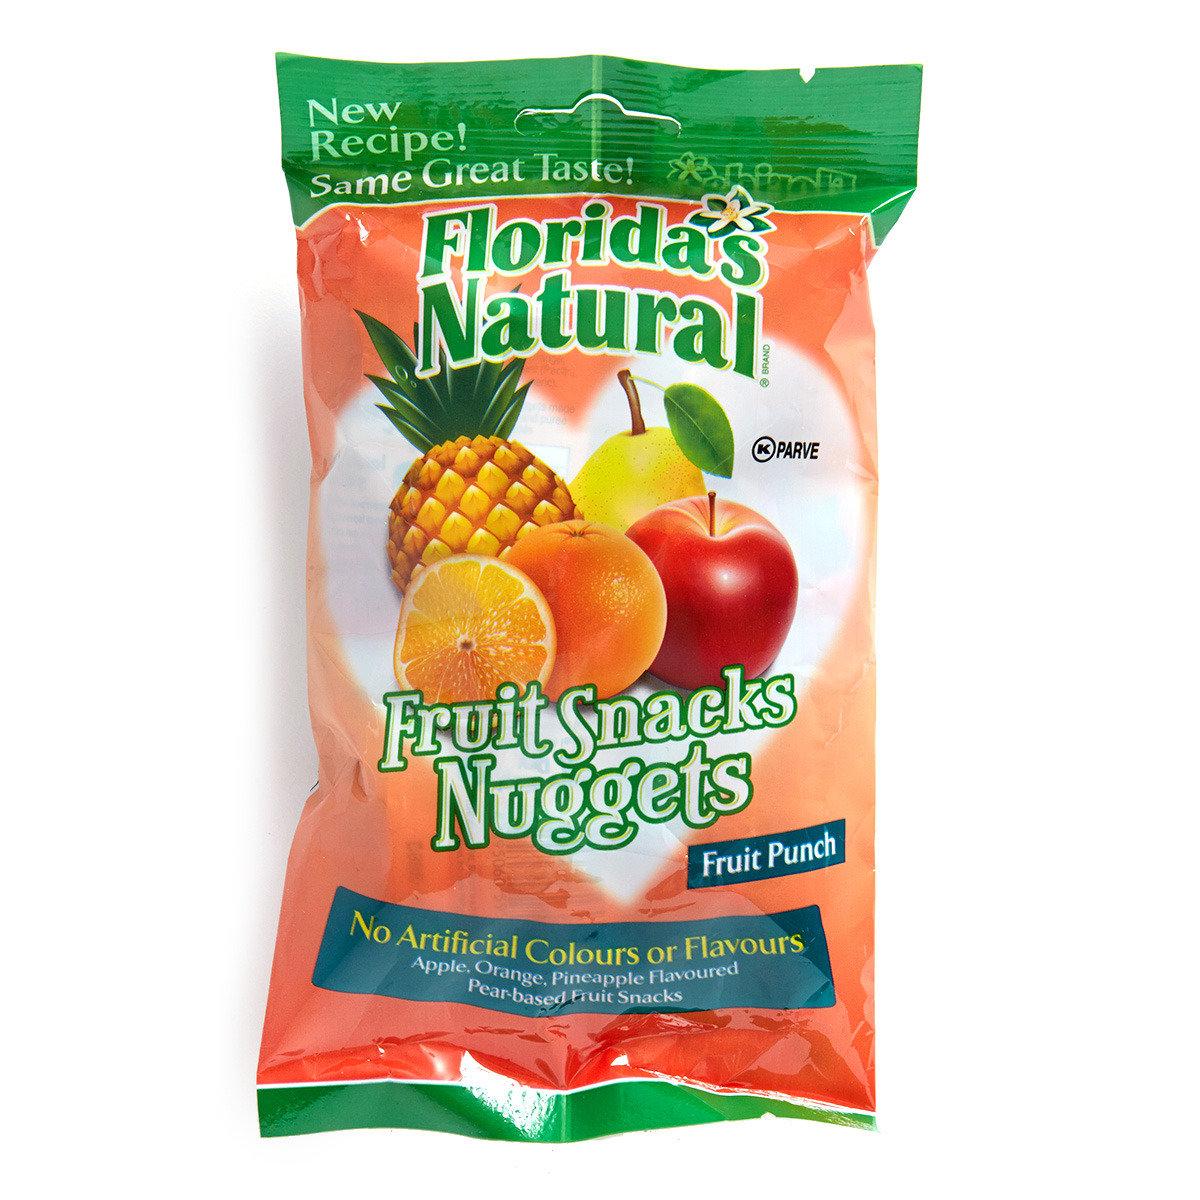 果汁軟糖(菠蘿, 蘋果, 橙)